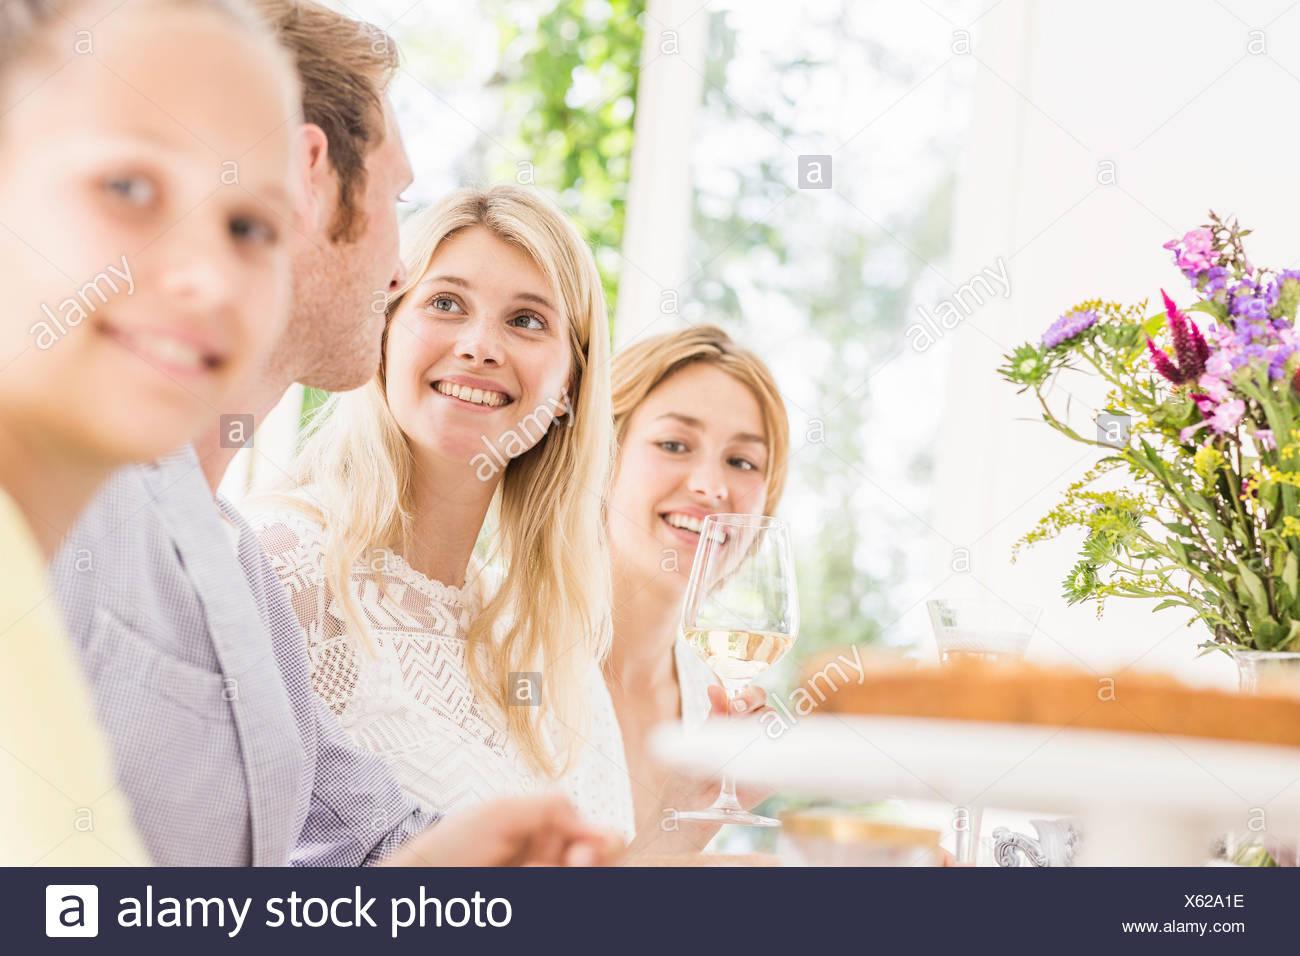 Ragazza e adulti alla festa di compleanno Immagini Stock